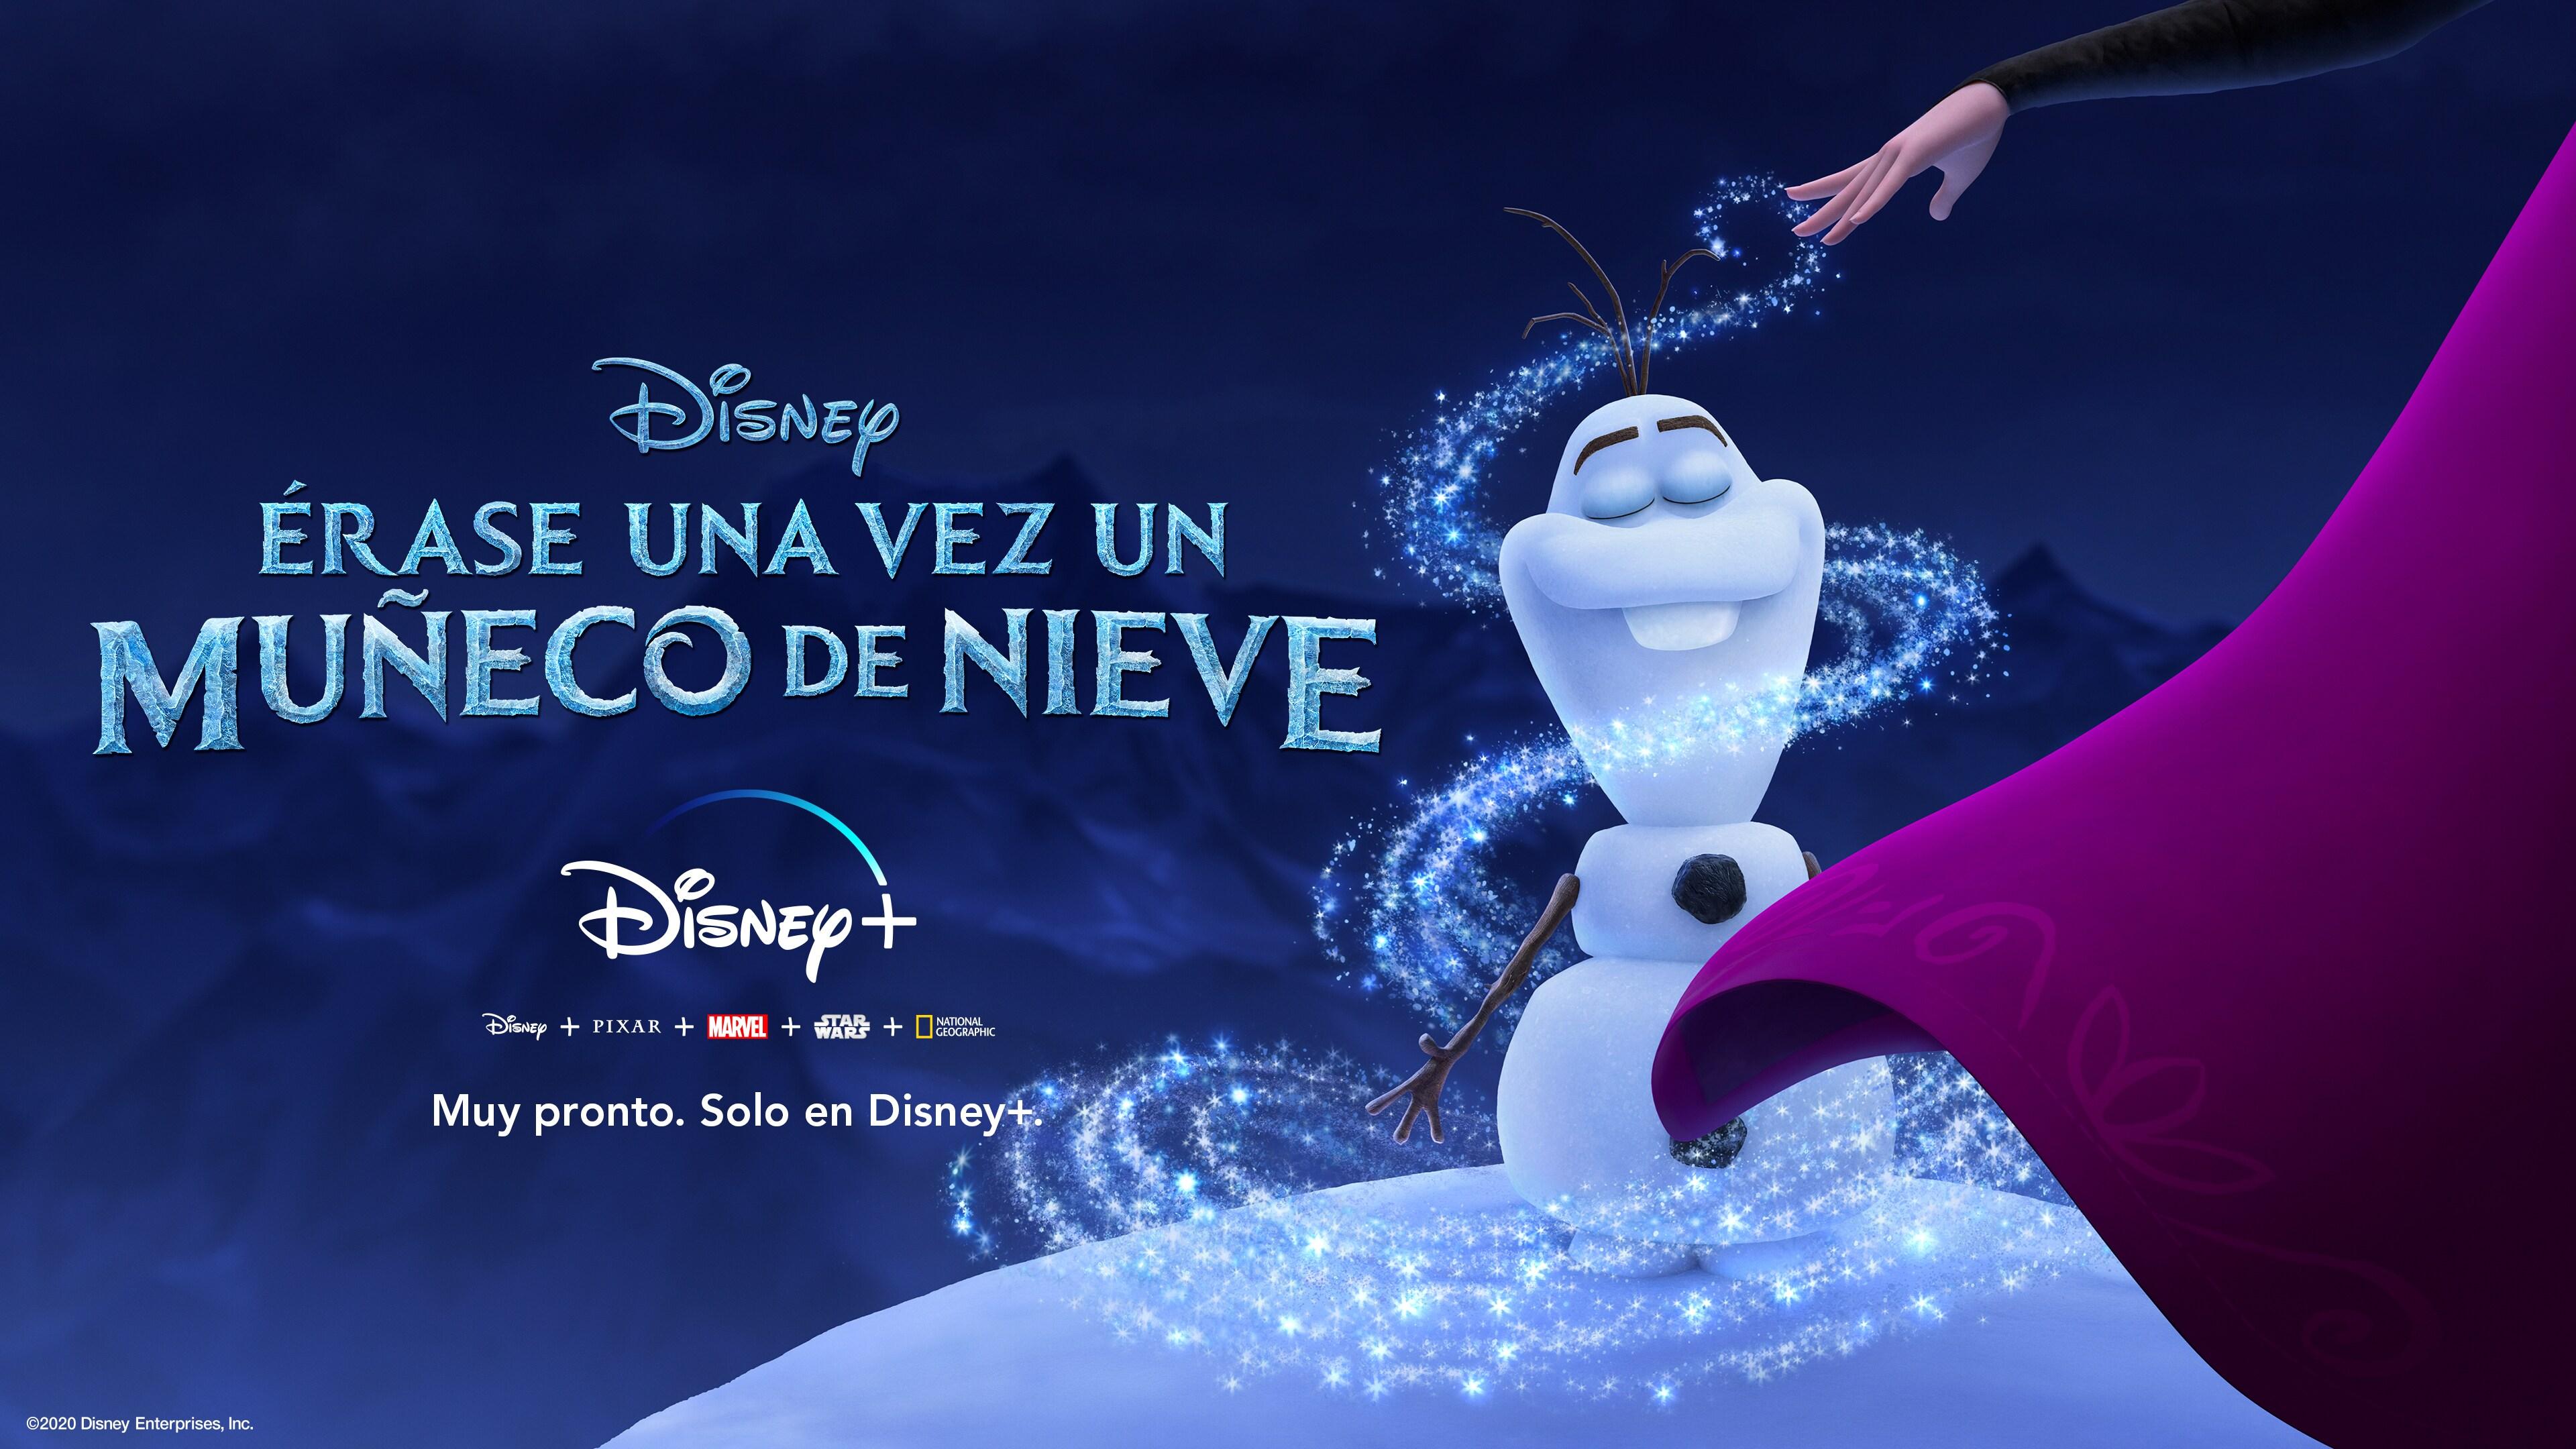 Érase una vez un Muñeco de Nieve | Disponible solo en Disney+